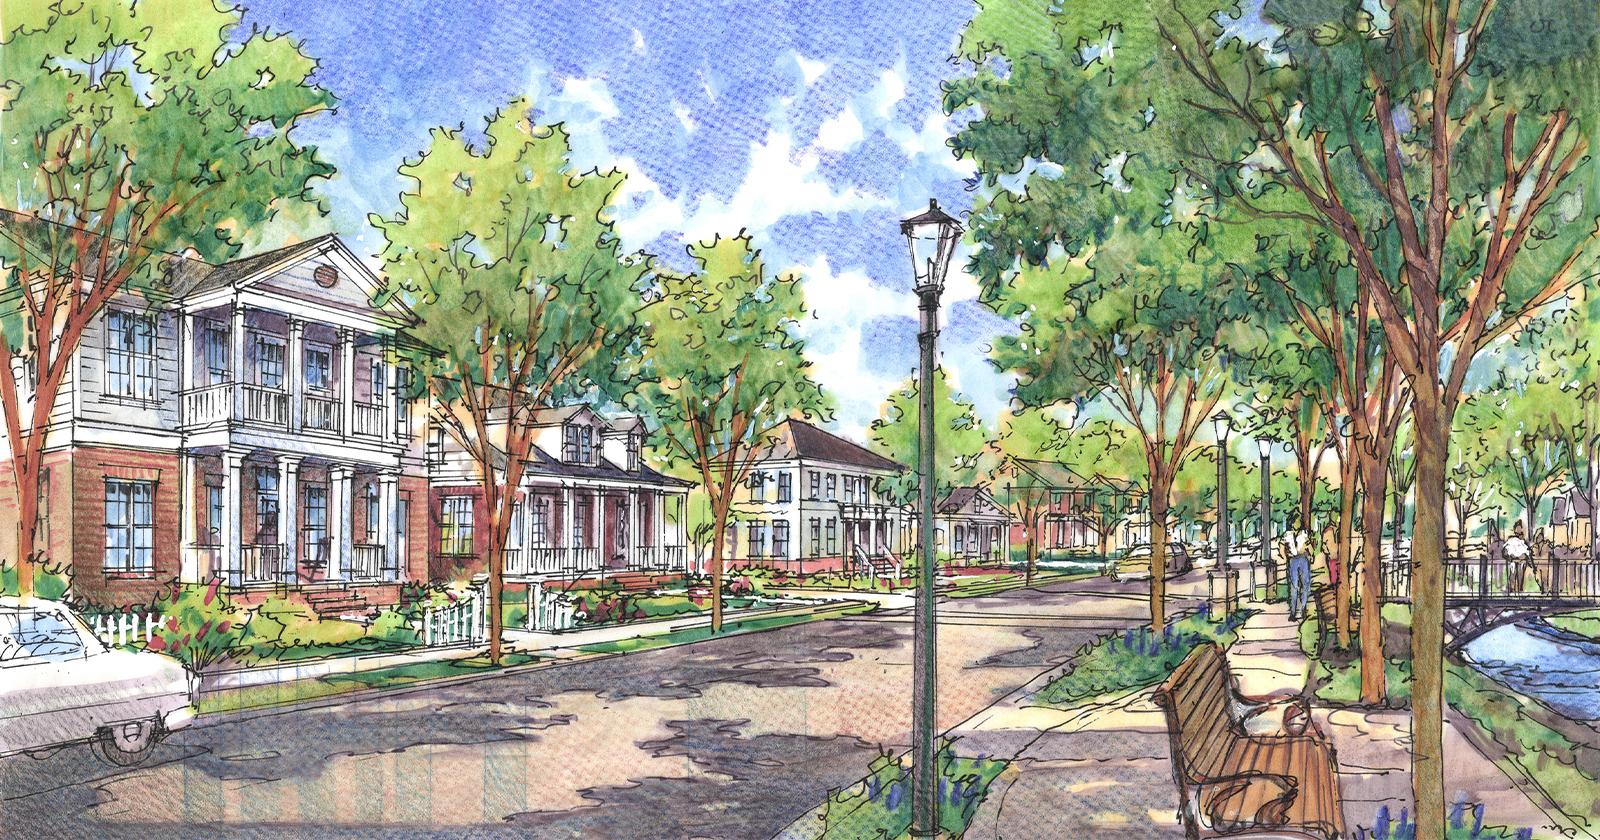 Uptown St. Marys, St. Marys, GA